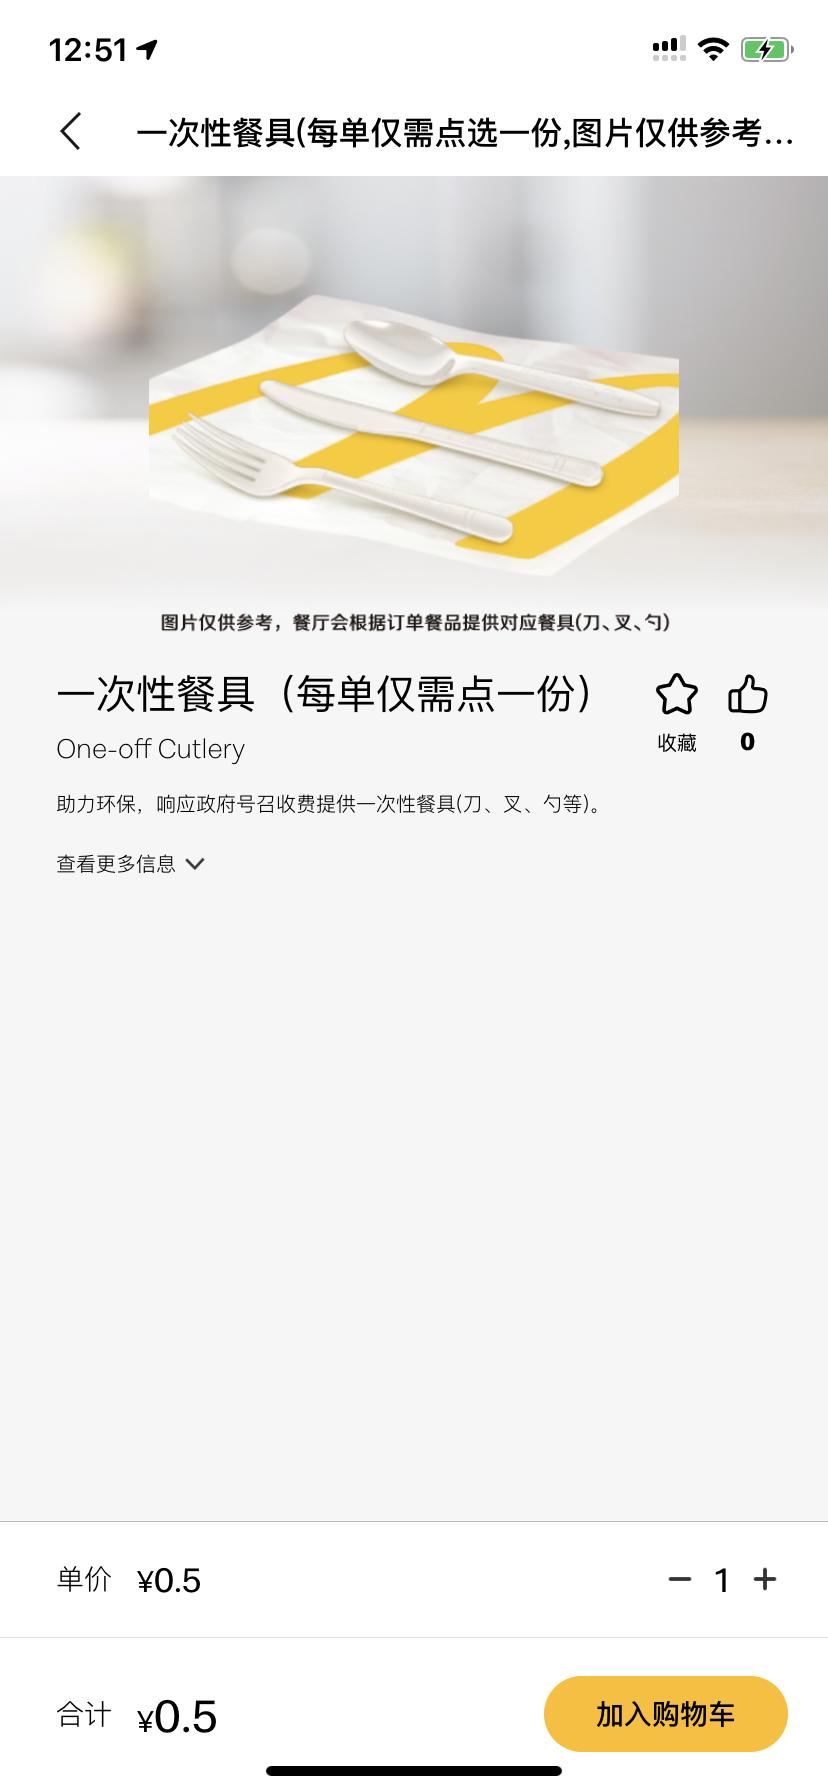 深圳麦当劳一次性餐具收费0.5元,响应当地环保要求